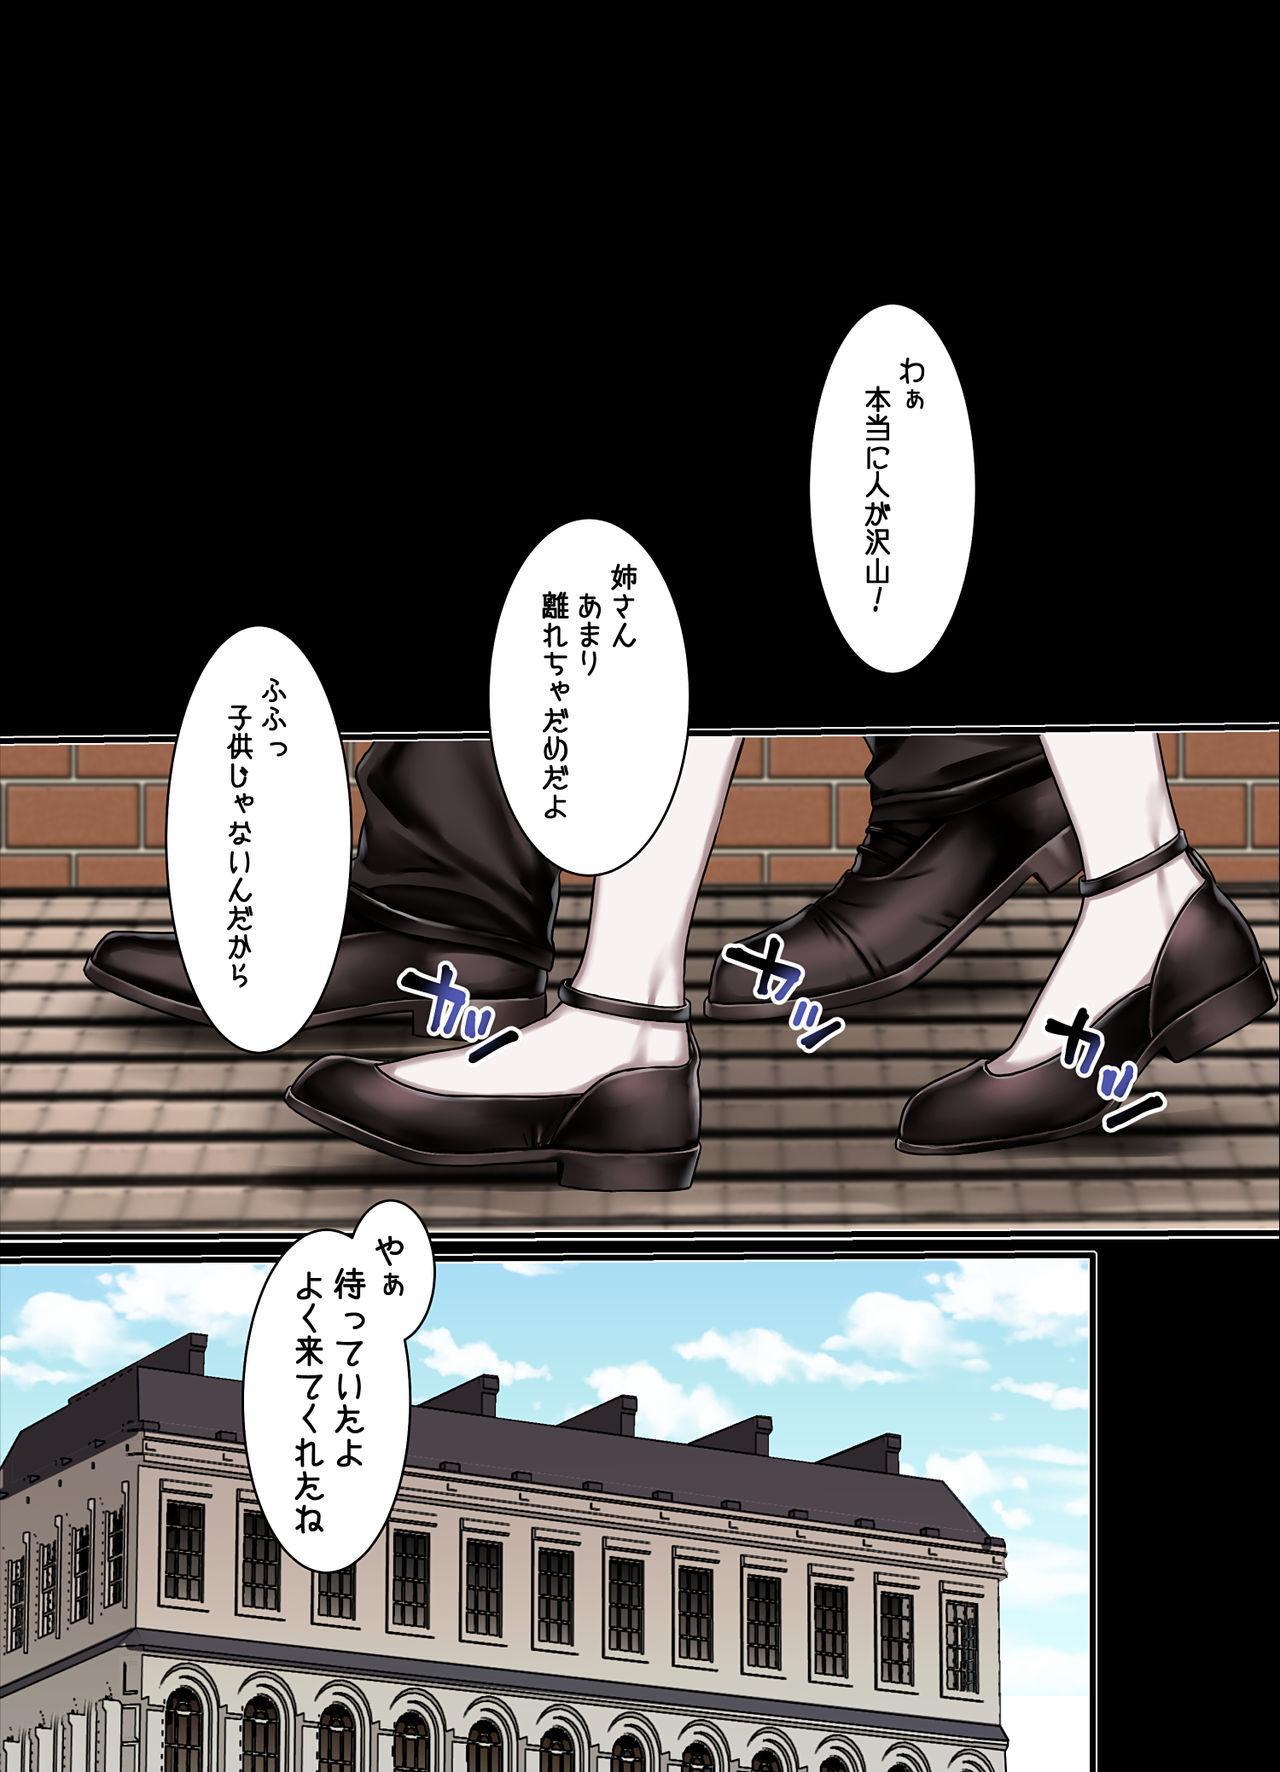 L Kyoukai to Itansha Ikka 82